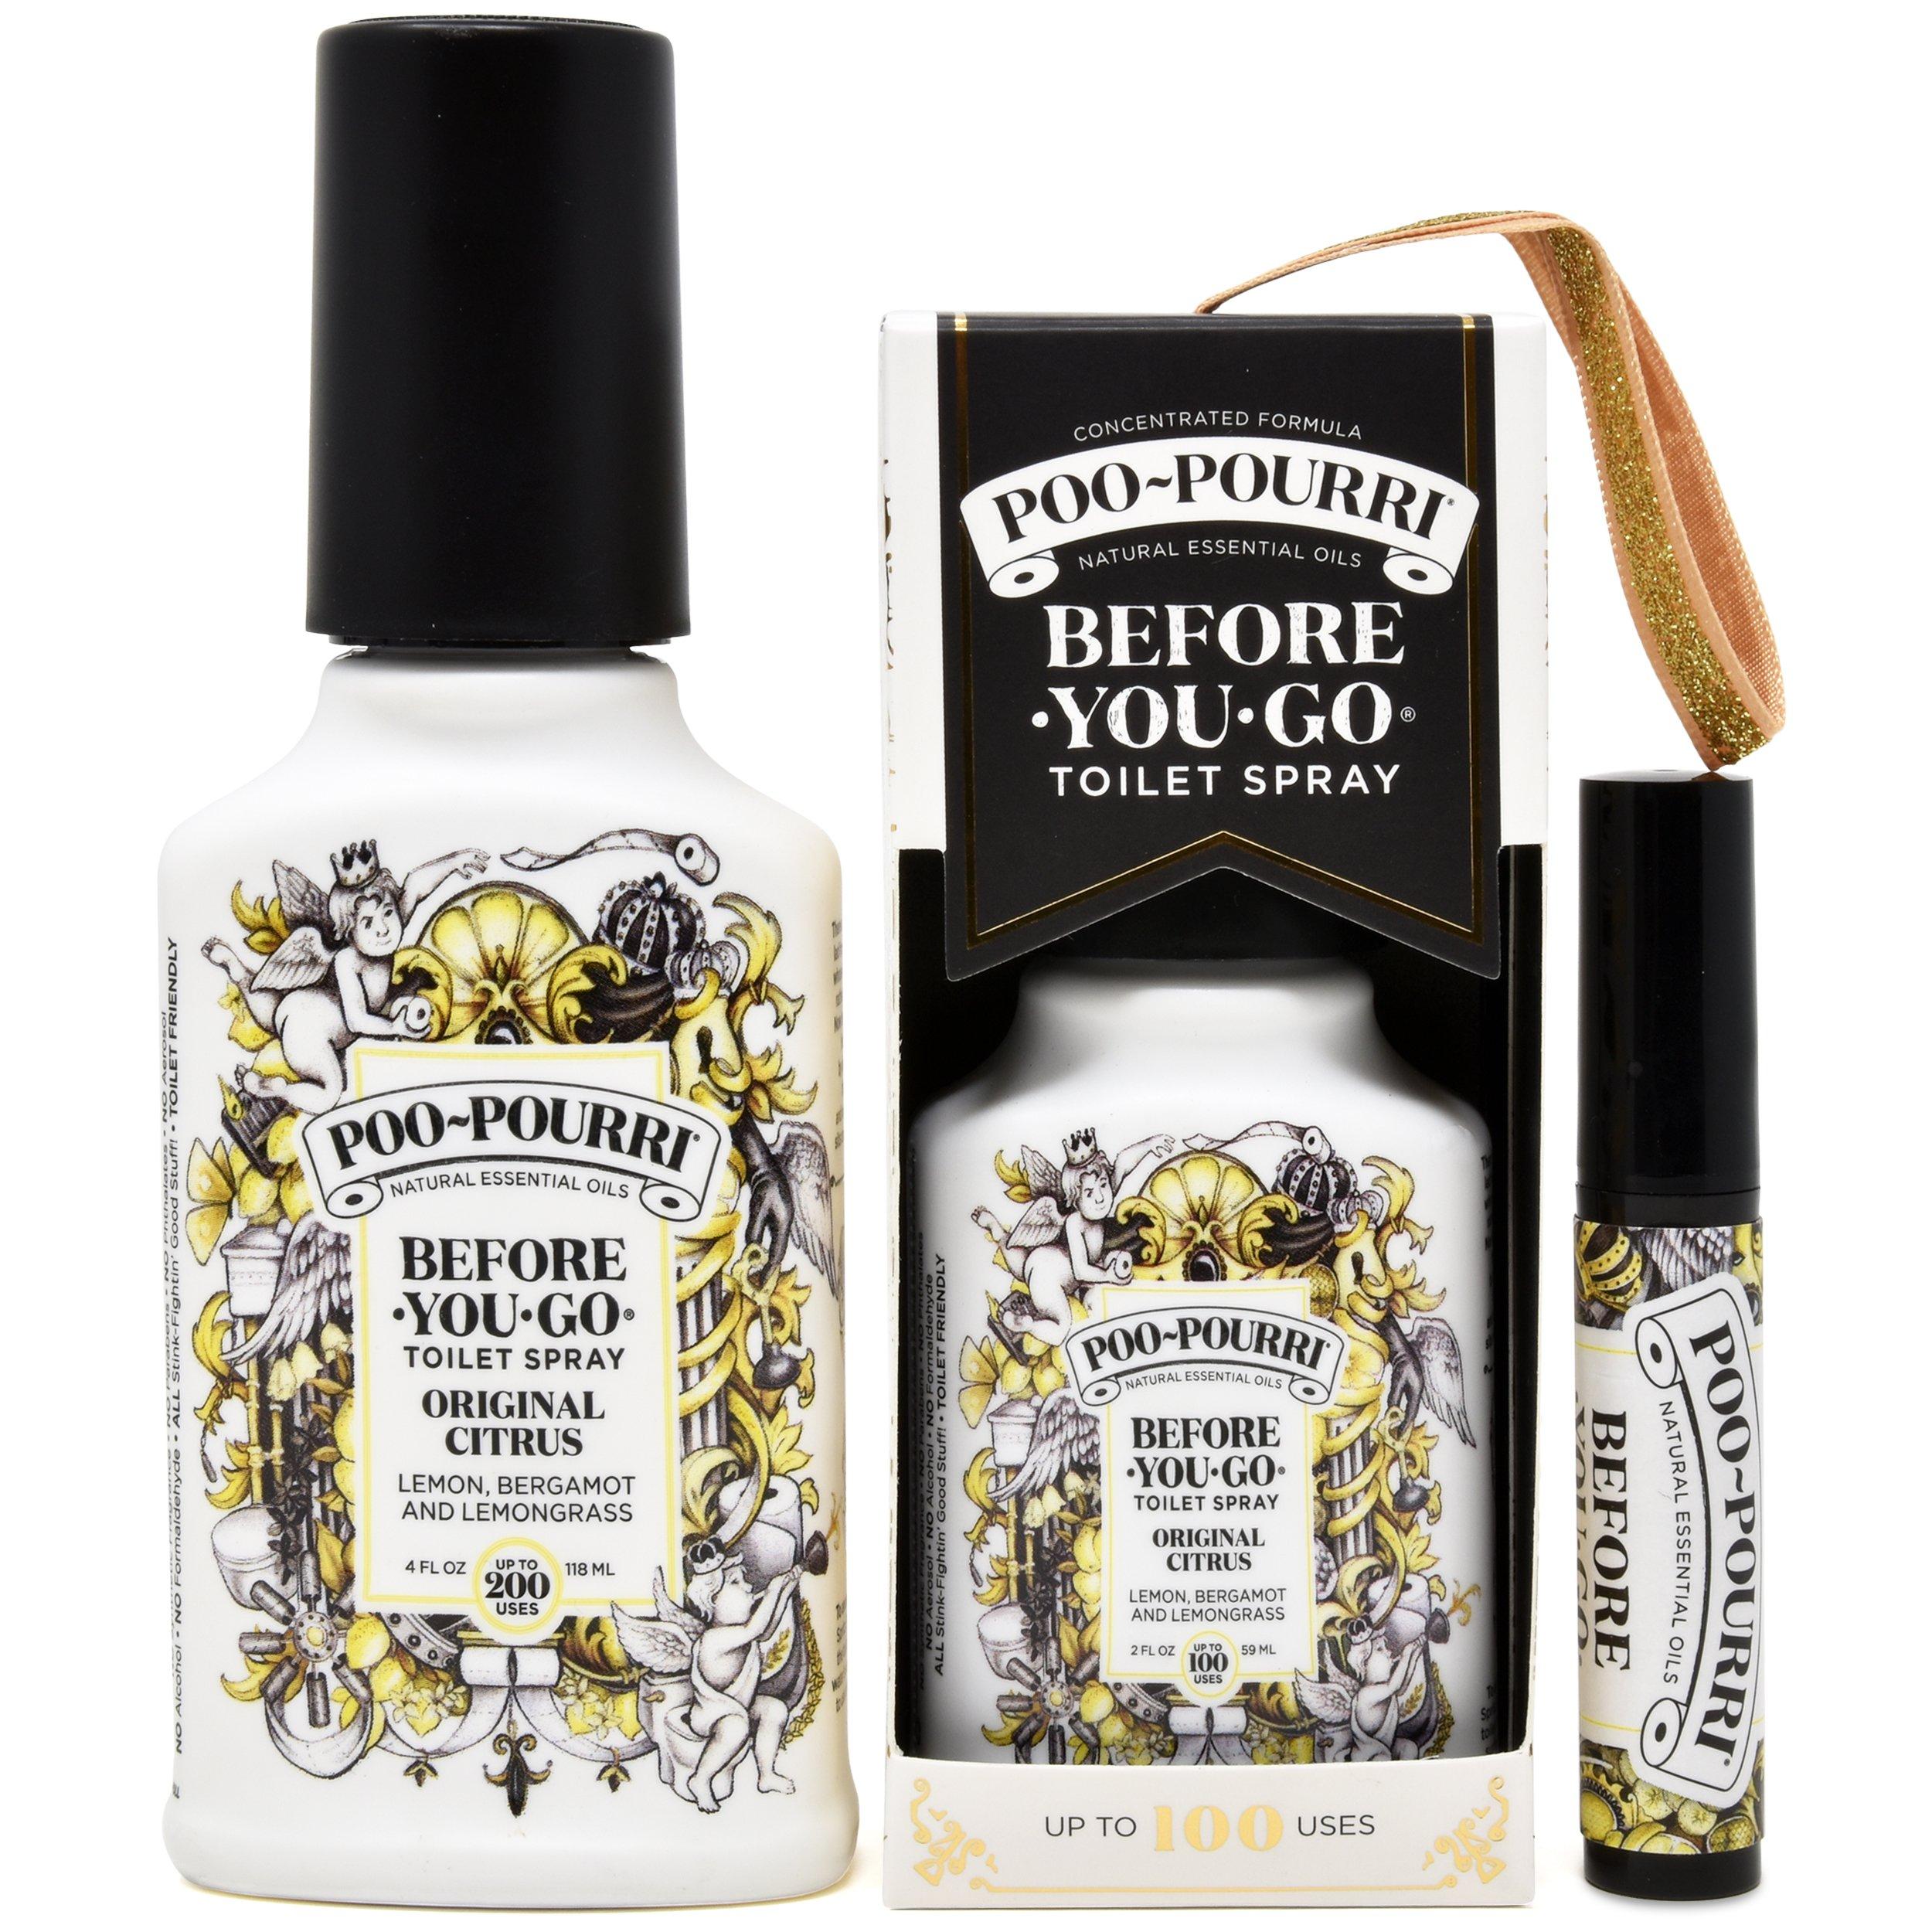 Poo-Pourri Before-You-Go Toilet Spray Set, 3 Piece Bathroom Deodorizer Includes 2-Ounce Original Scent In Gold Ornament Box , 4 -Ounce Original Scent, and Original Tester